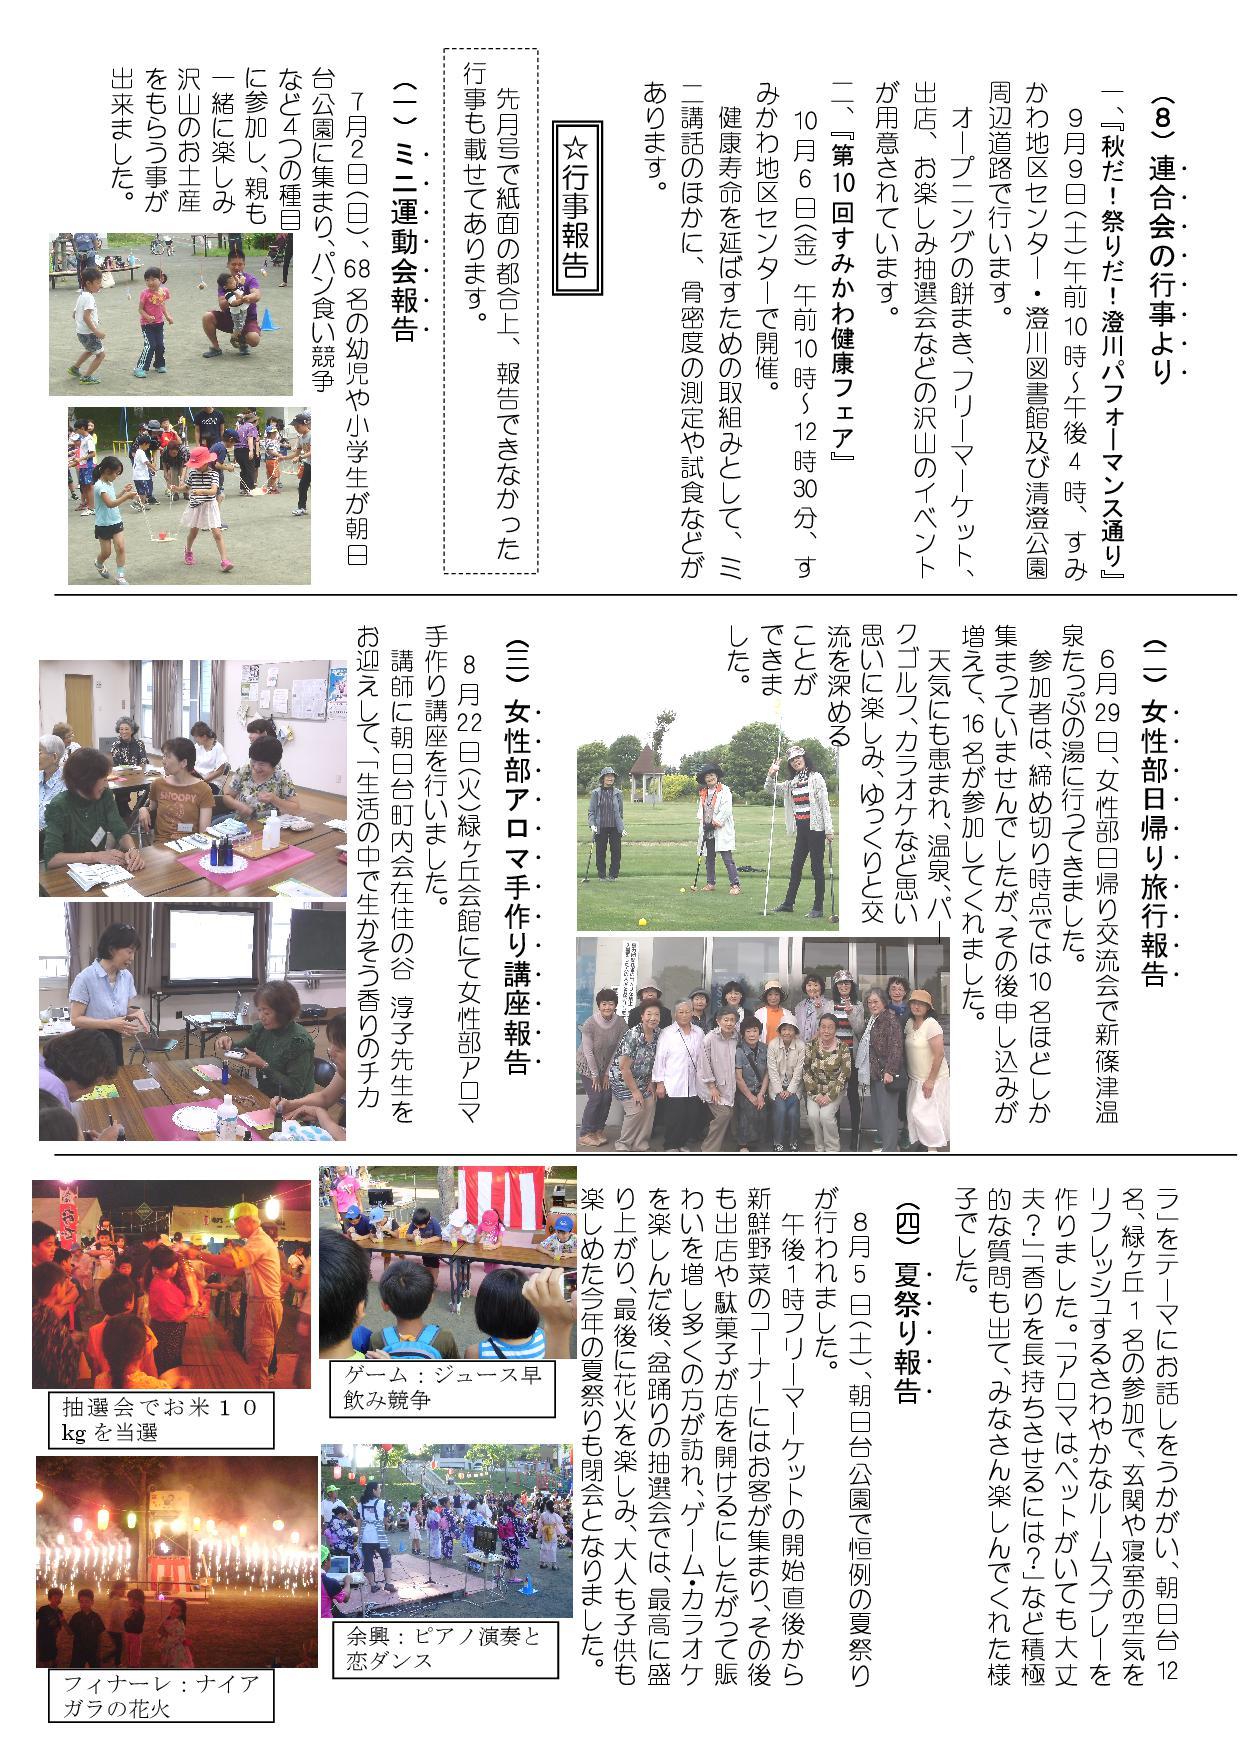 http://sumikawa.info/asahidai/29%209%E6%9C%88%E5%8F%B7-002.jpg